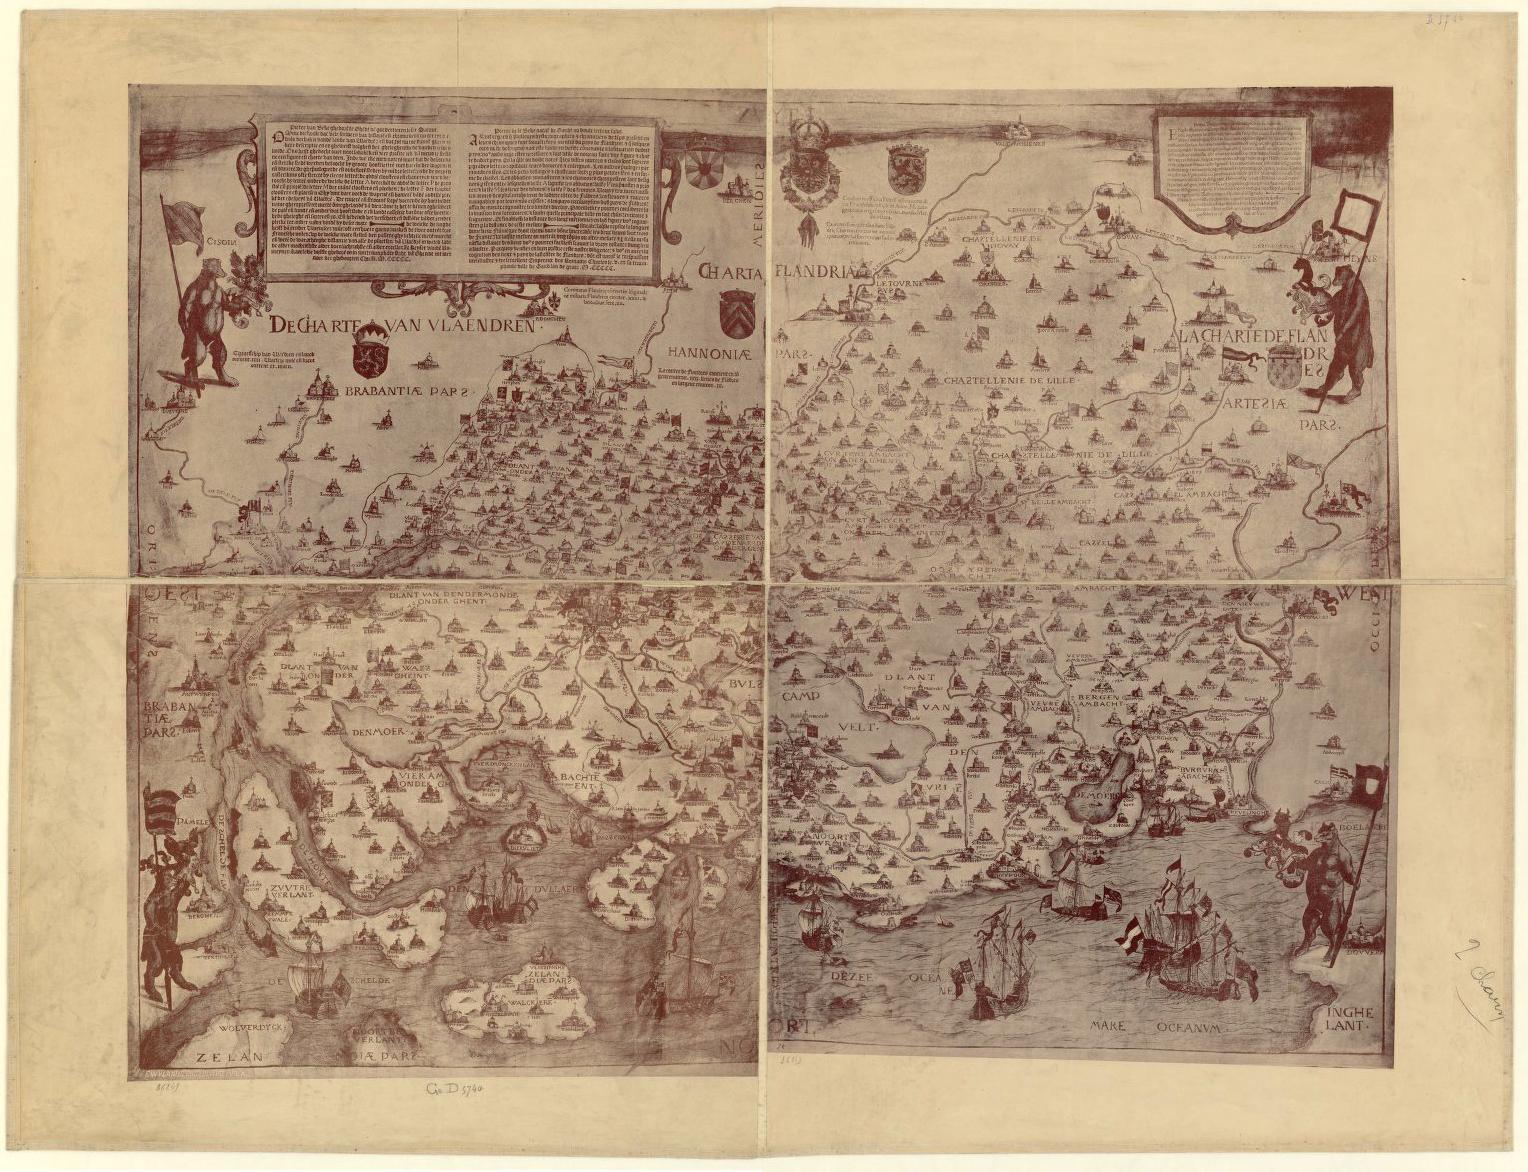 File:Charte van Vlaendren 1538 Pieter van der Beke jpg - Wikimedia